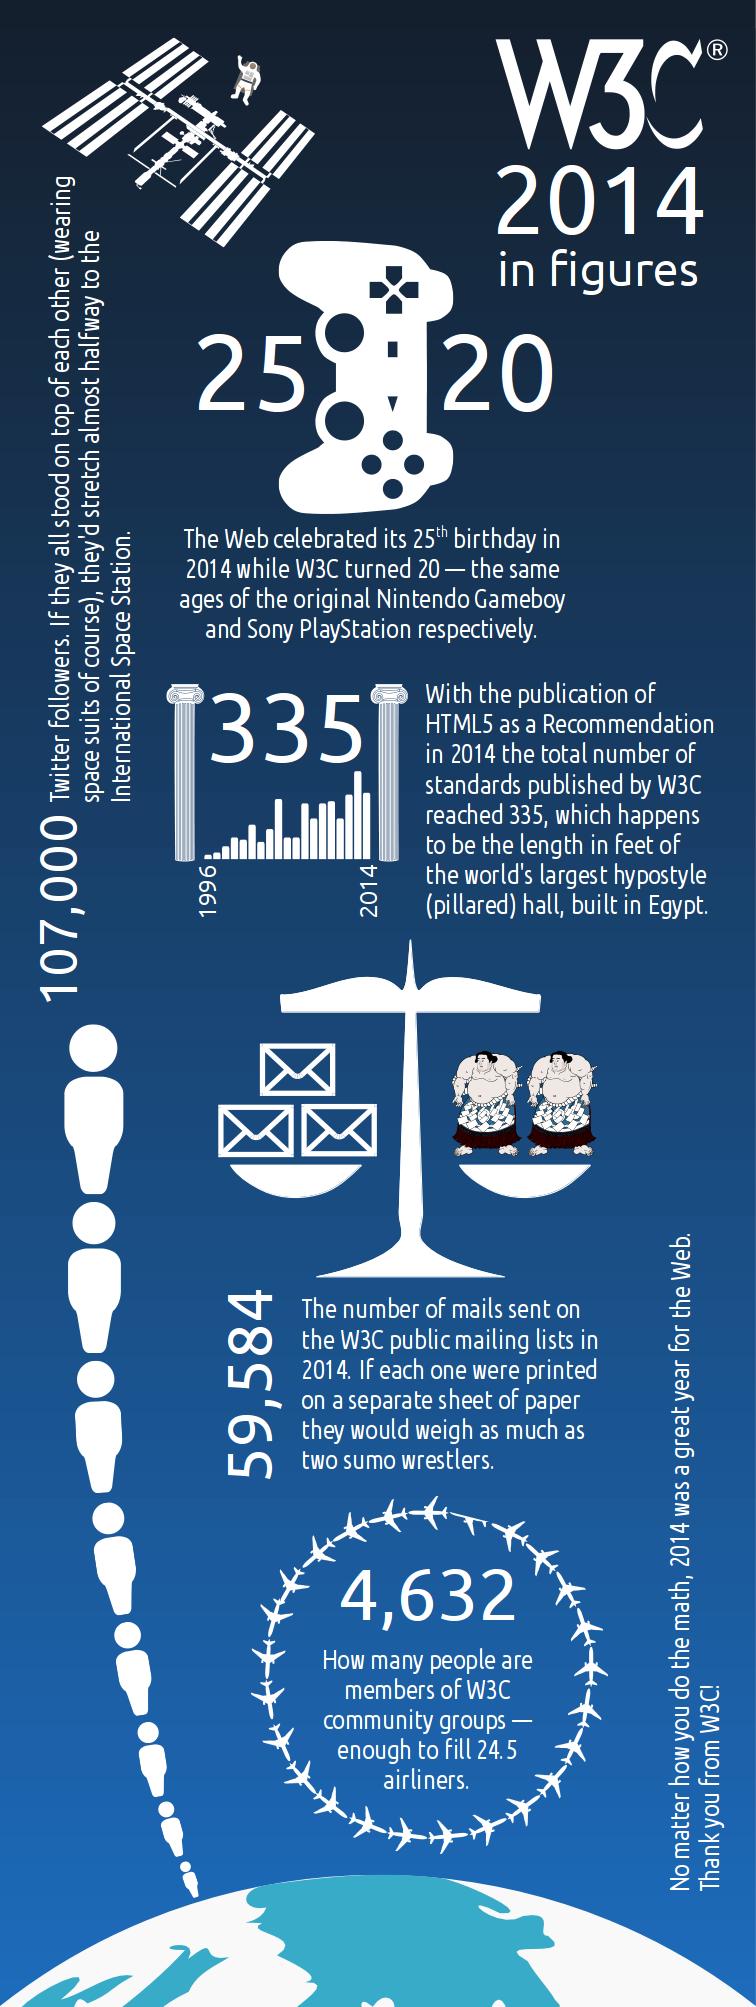 2014 in figures